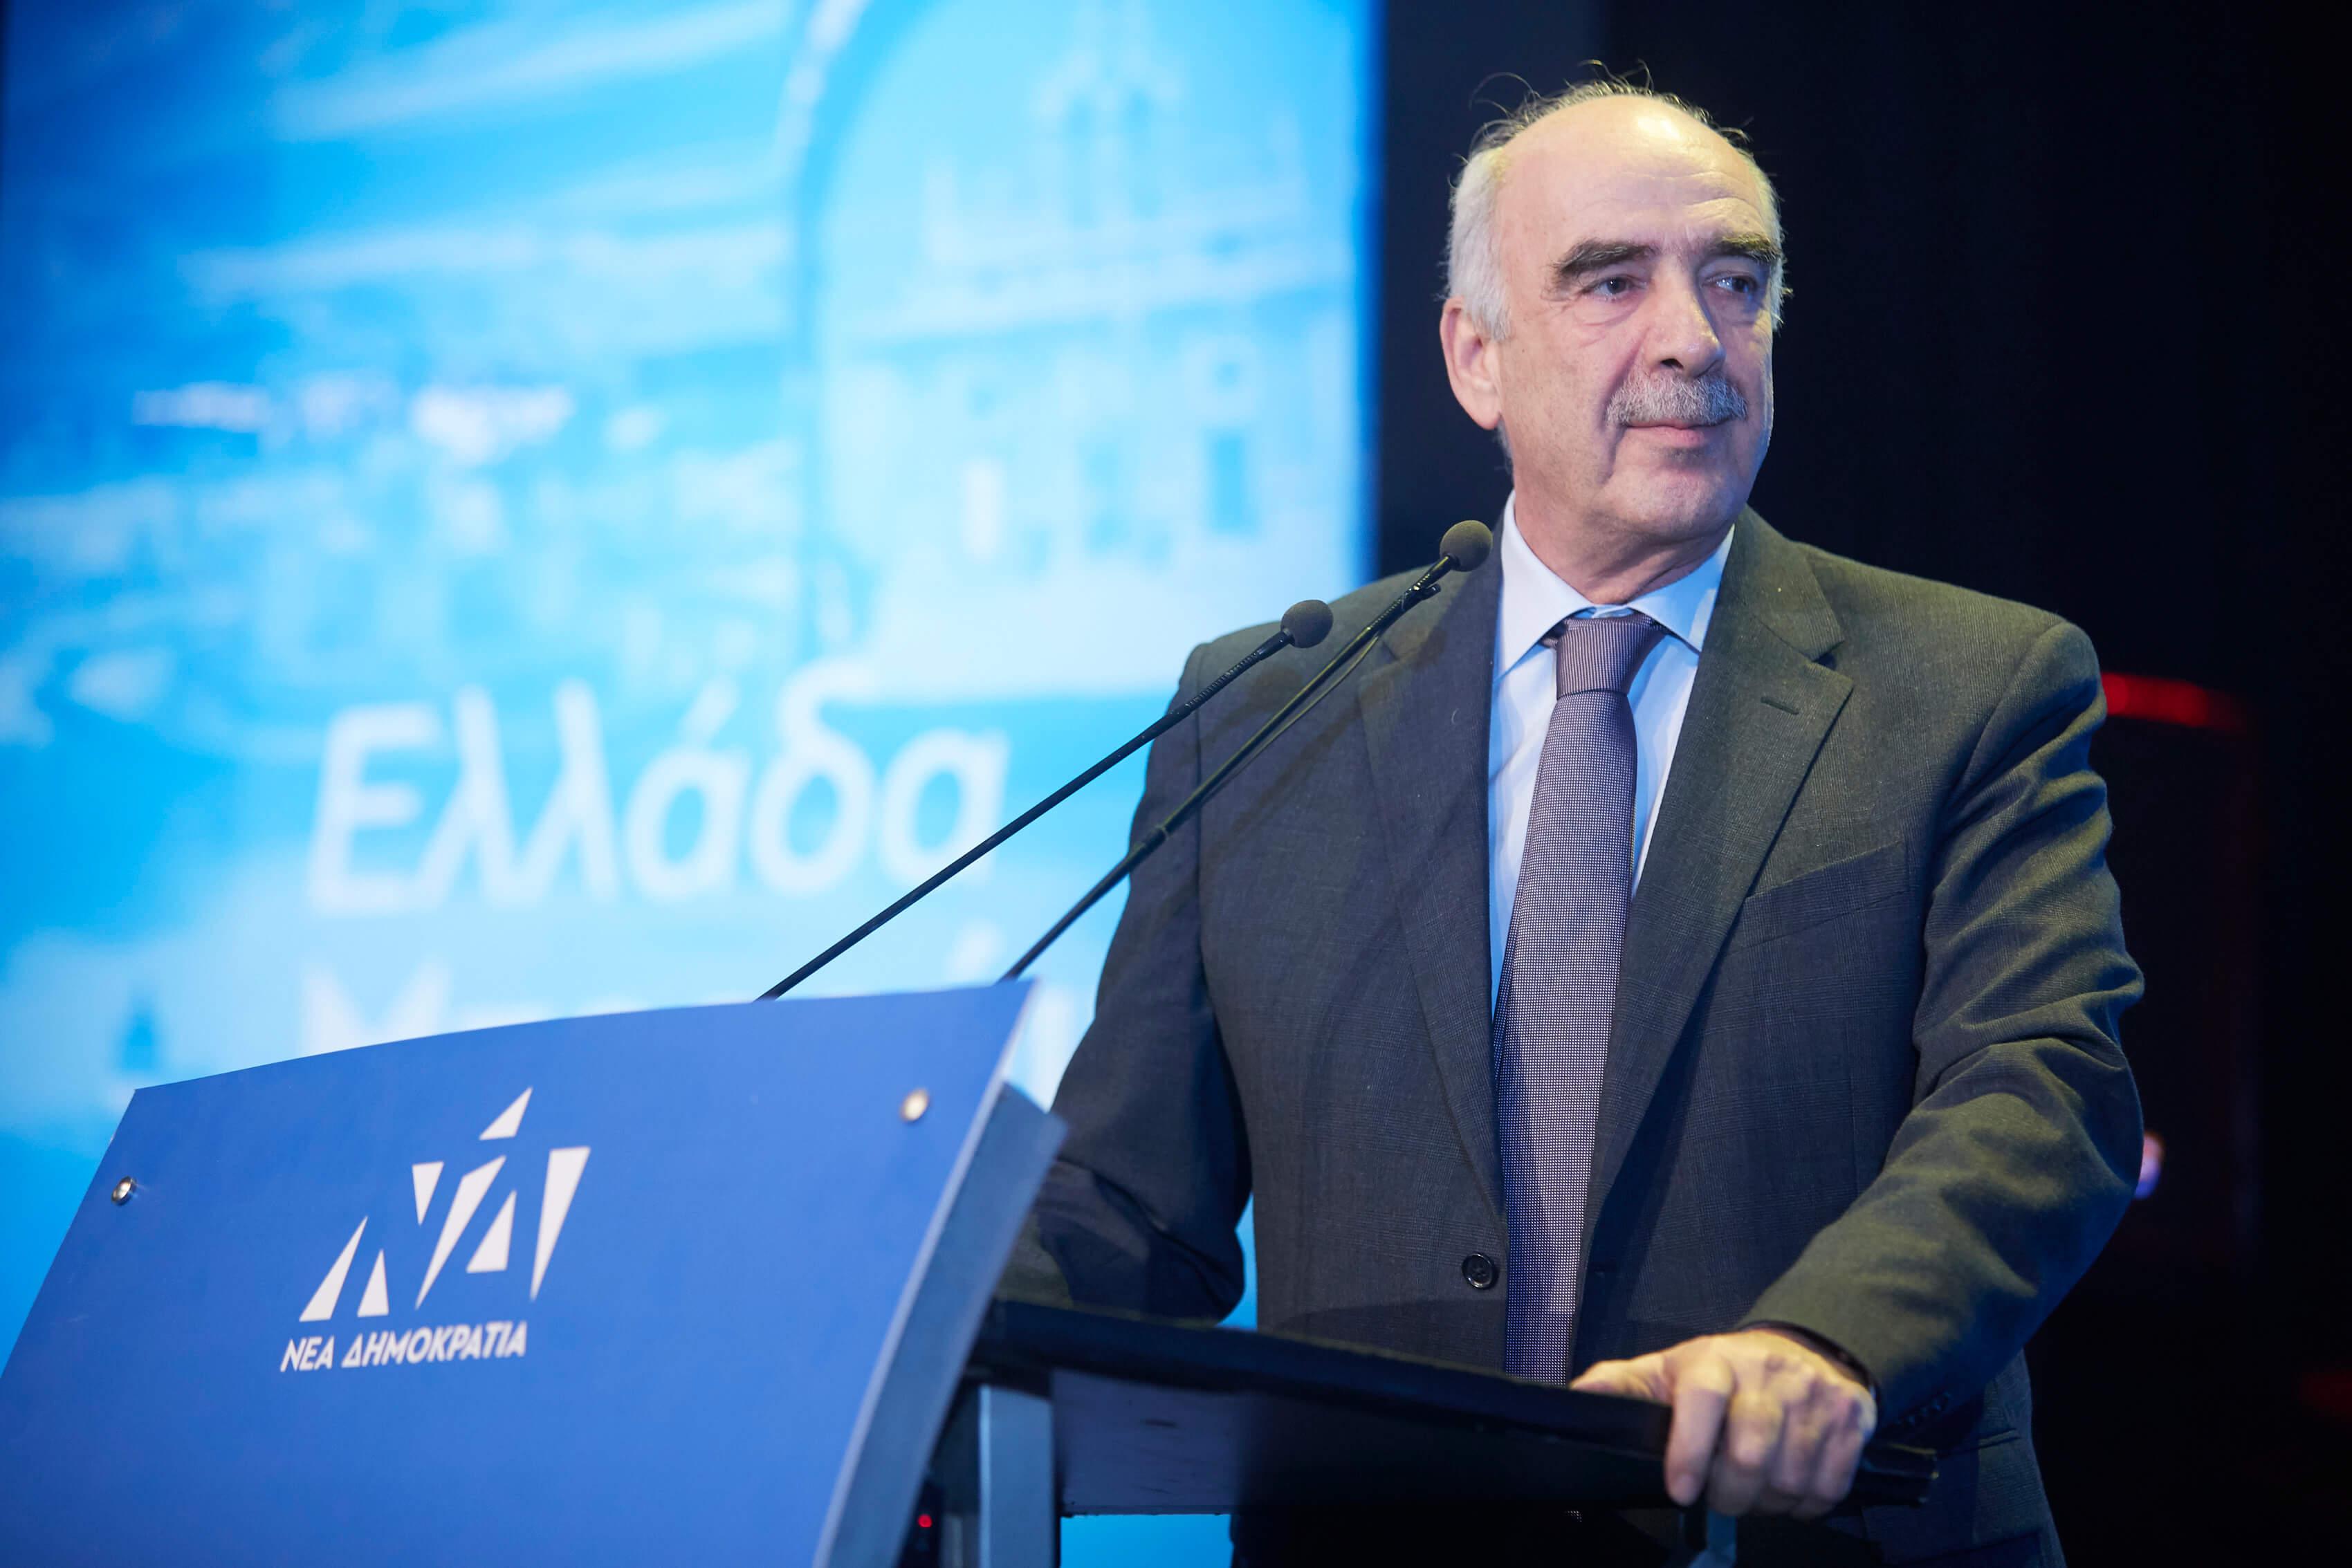 Ευρωεκλογές – Μεϊμαράκης: Η συμμετοχή μου μπορεί να συσπειρώσει Νεοδημοκράτες και όχι μόνο